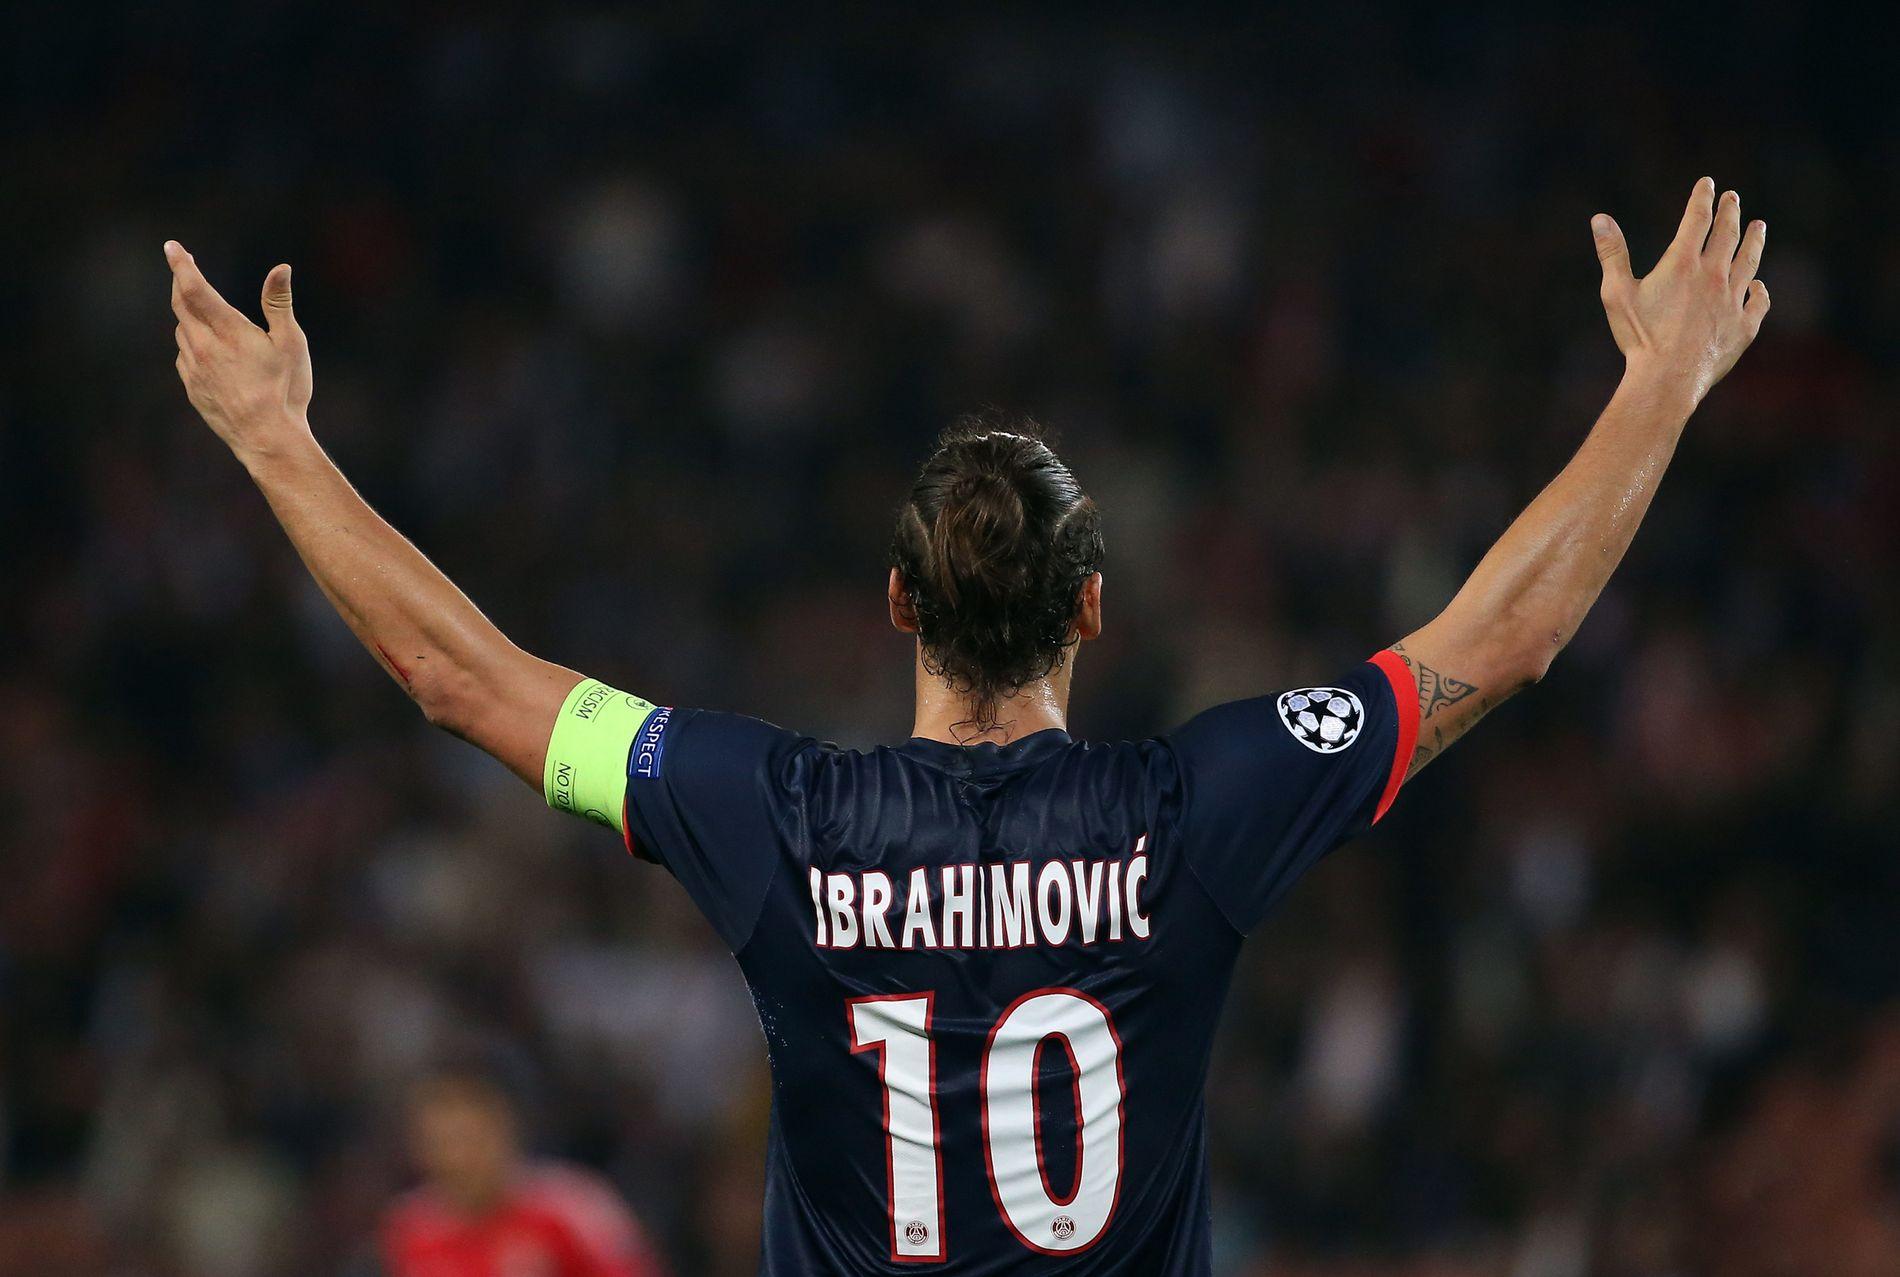 VINNEREN: Zlatan Ibrahimovic har vunnet overalt, i hvert fall serie og cup. Nå skal han hjelpe Manchester United tilbake på tronen. Foto: AFP